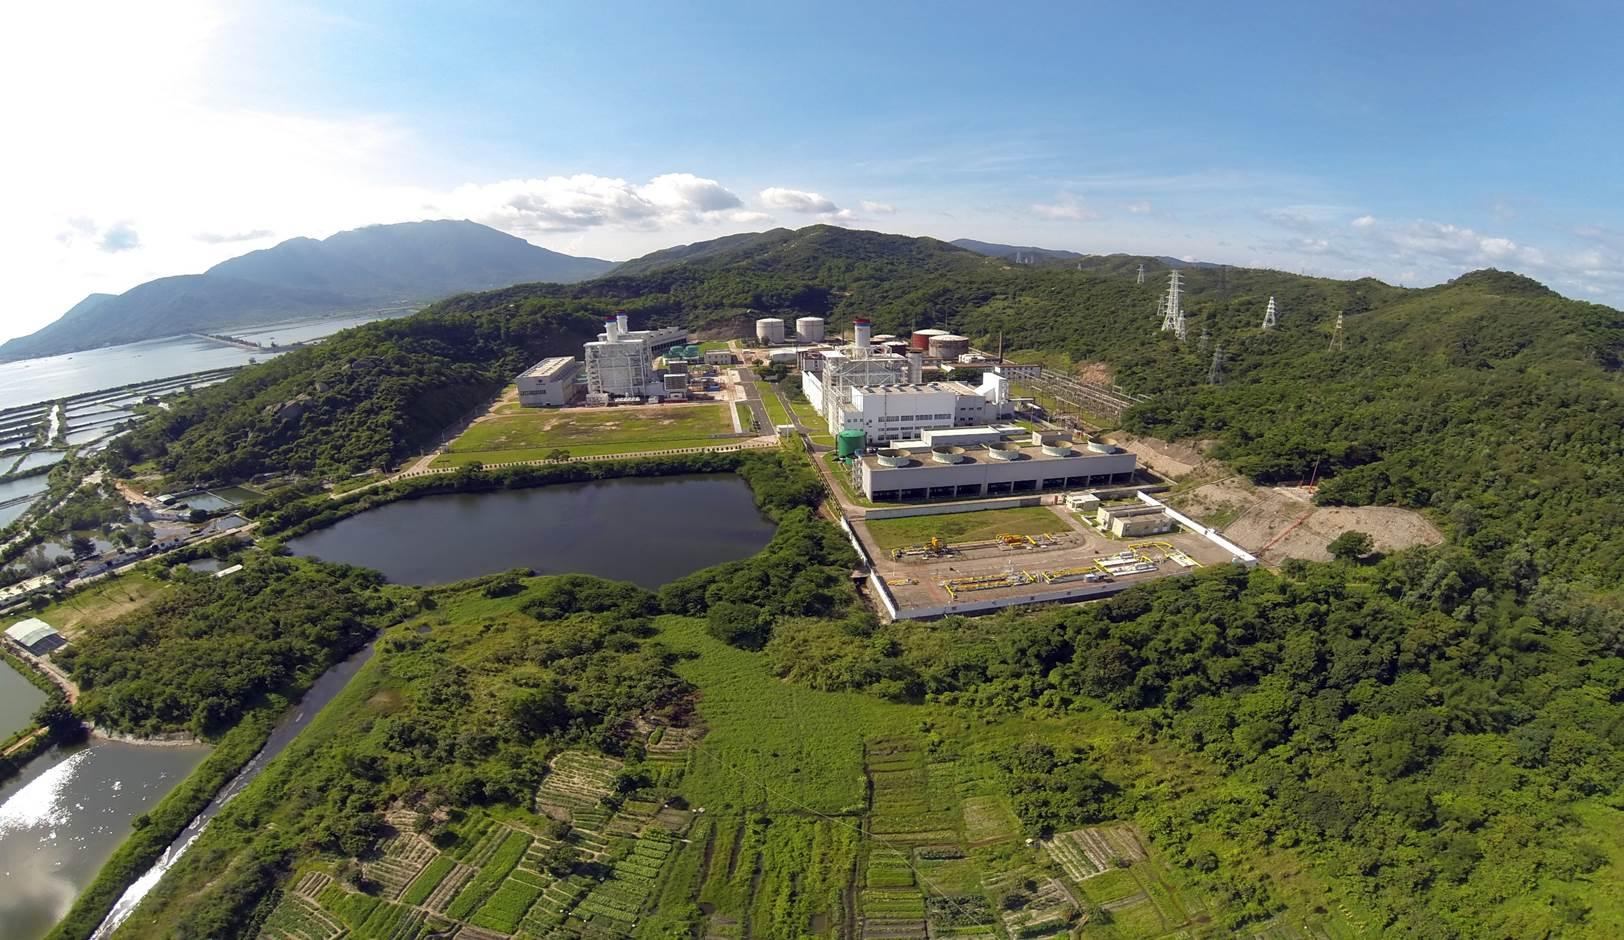 کاهش انتشار آلایندگیها با ارتقاء توربینهای گاز جنرال الکتریک در چین